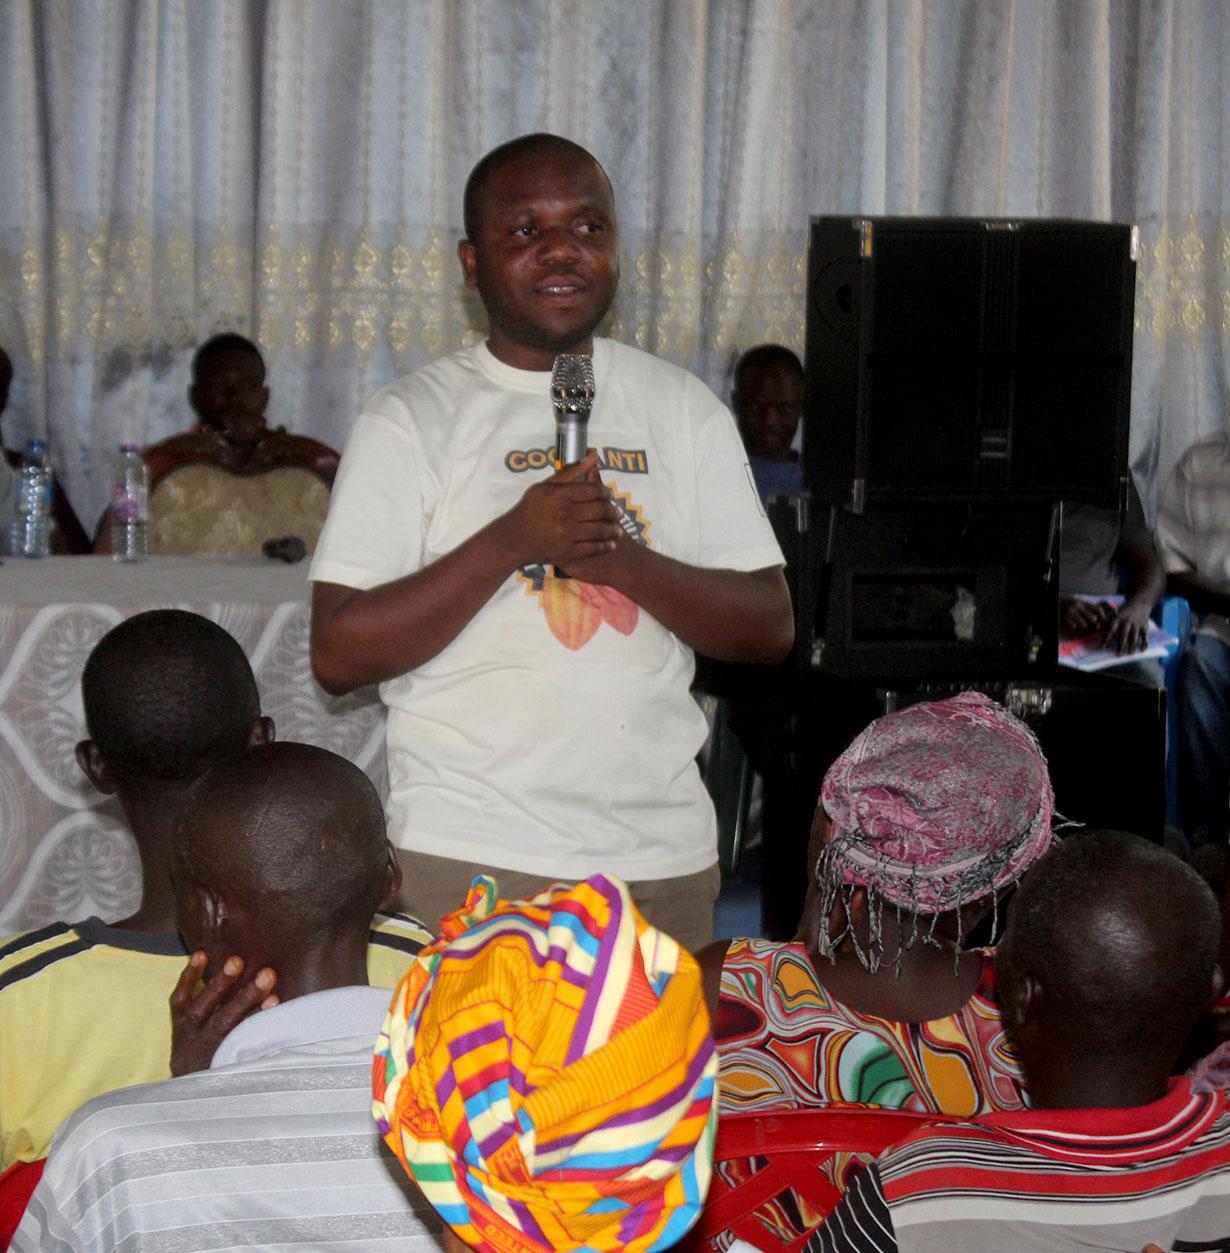 Cocoa Nti Campaign at Gambia No. 1